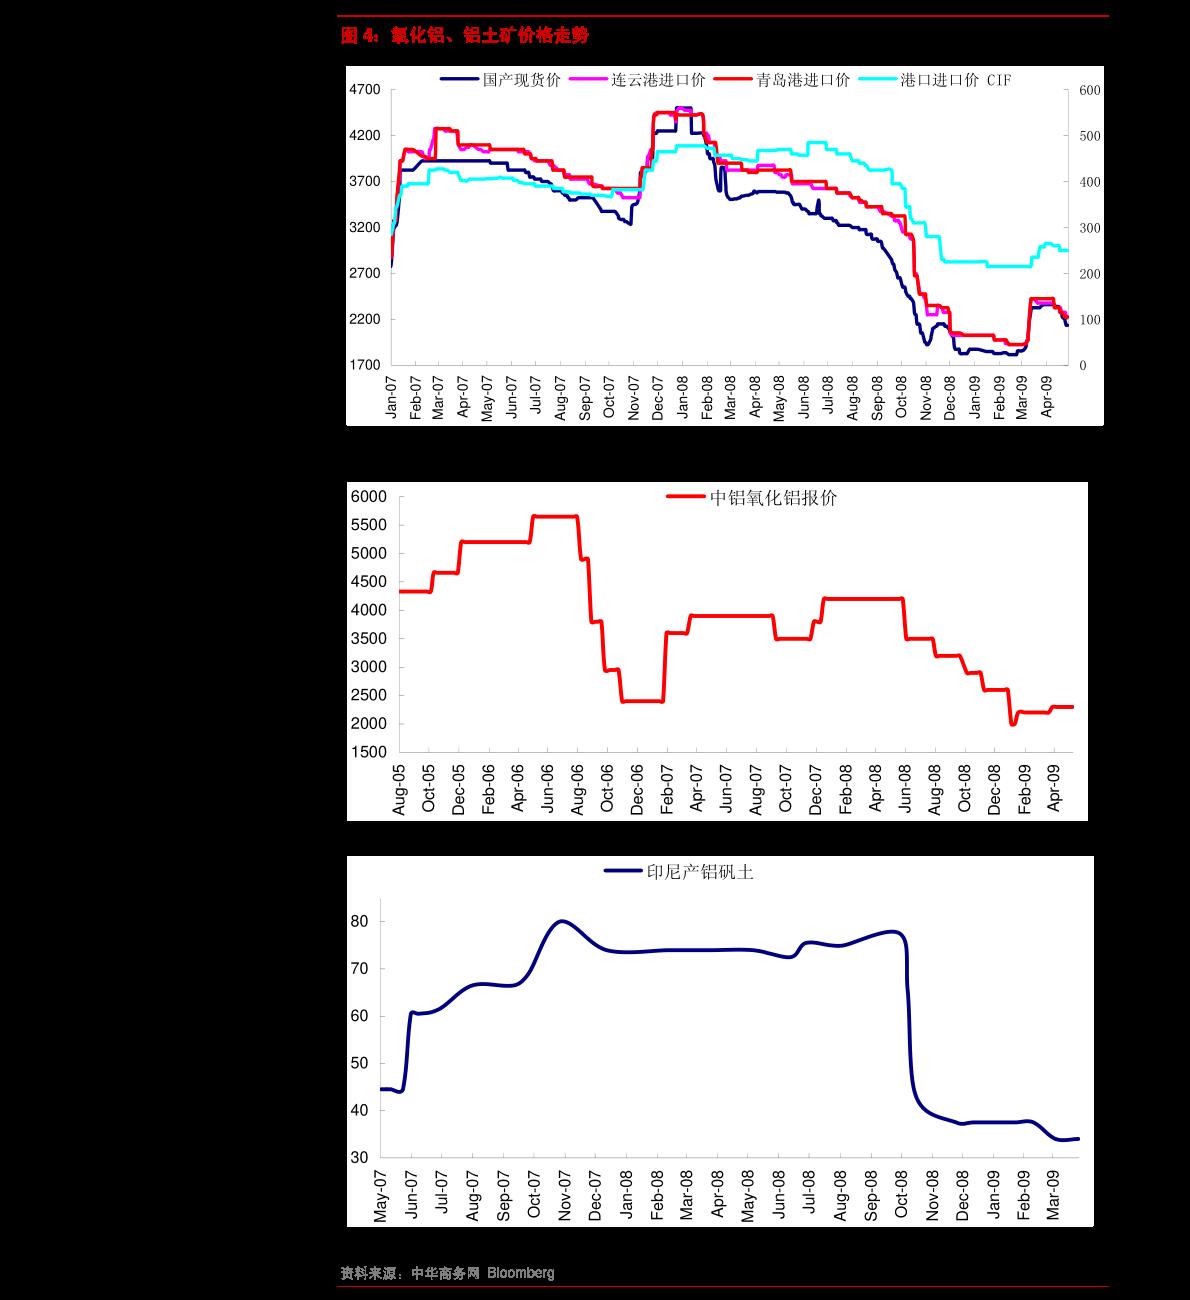 油气石化分析报告